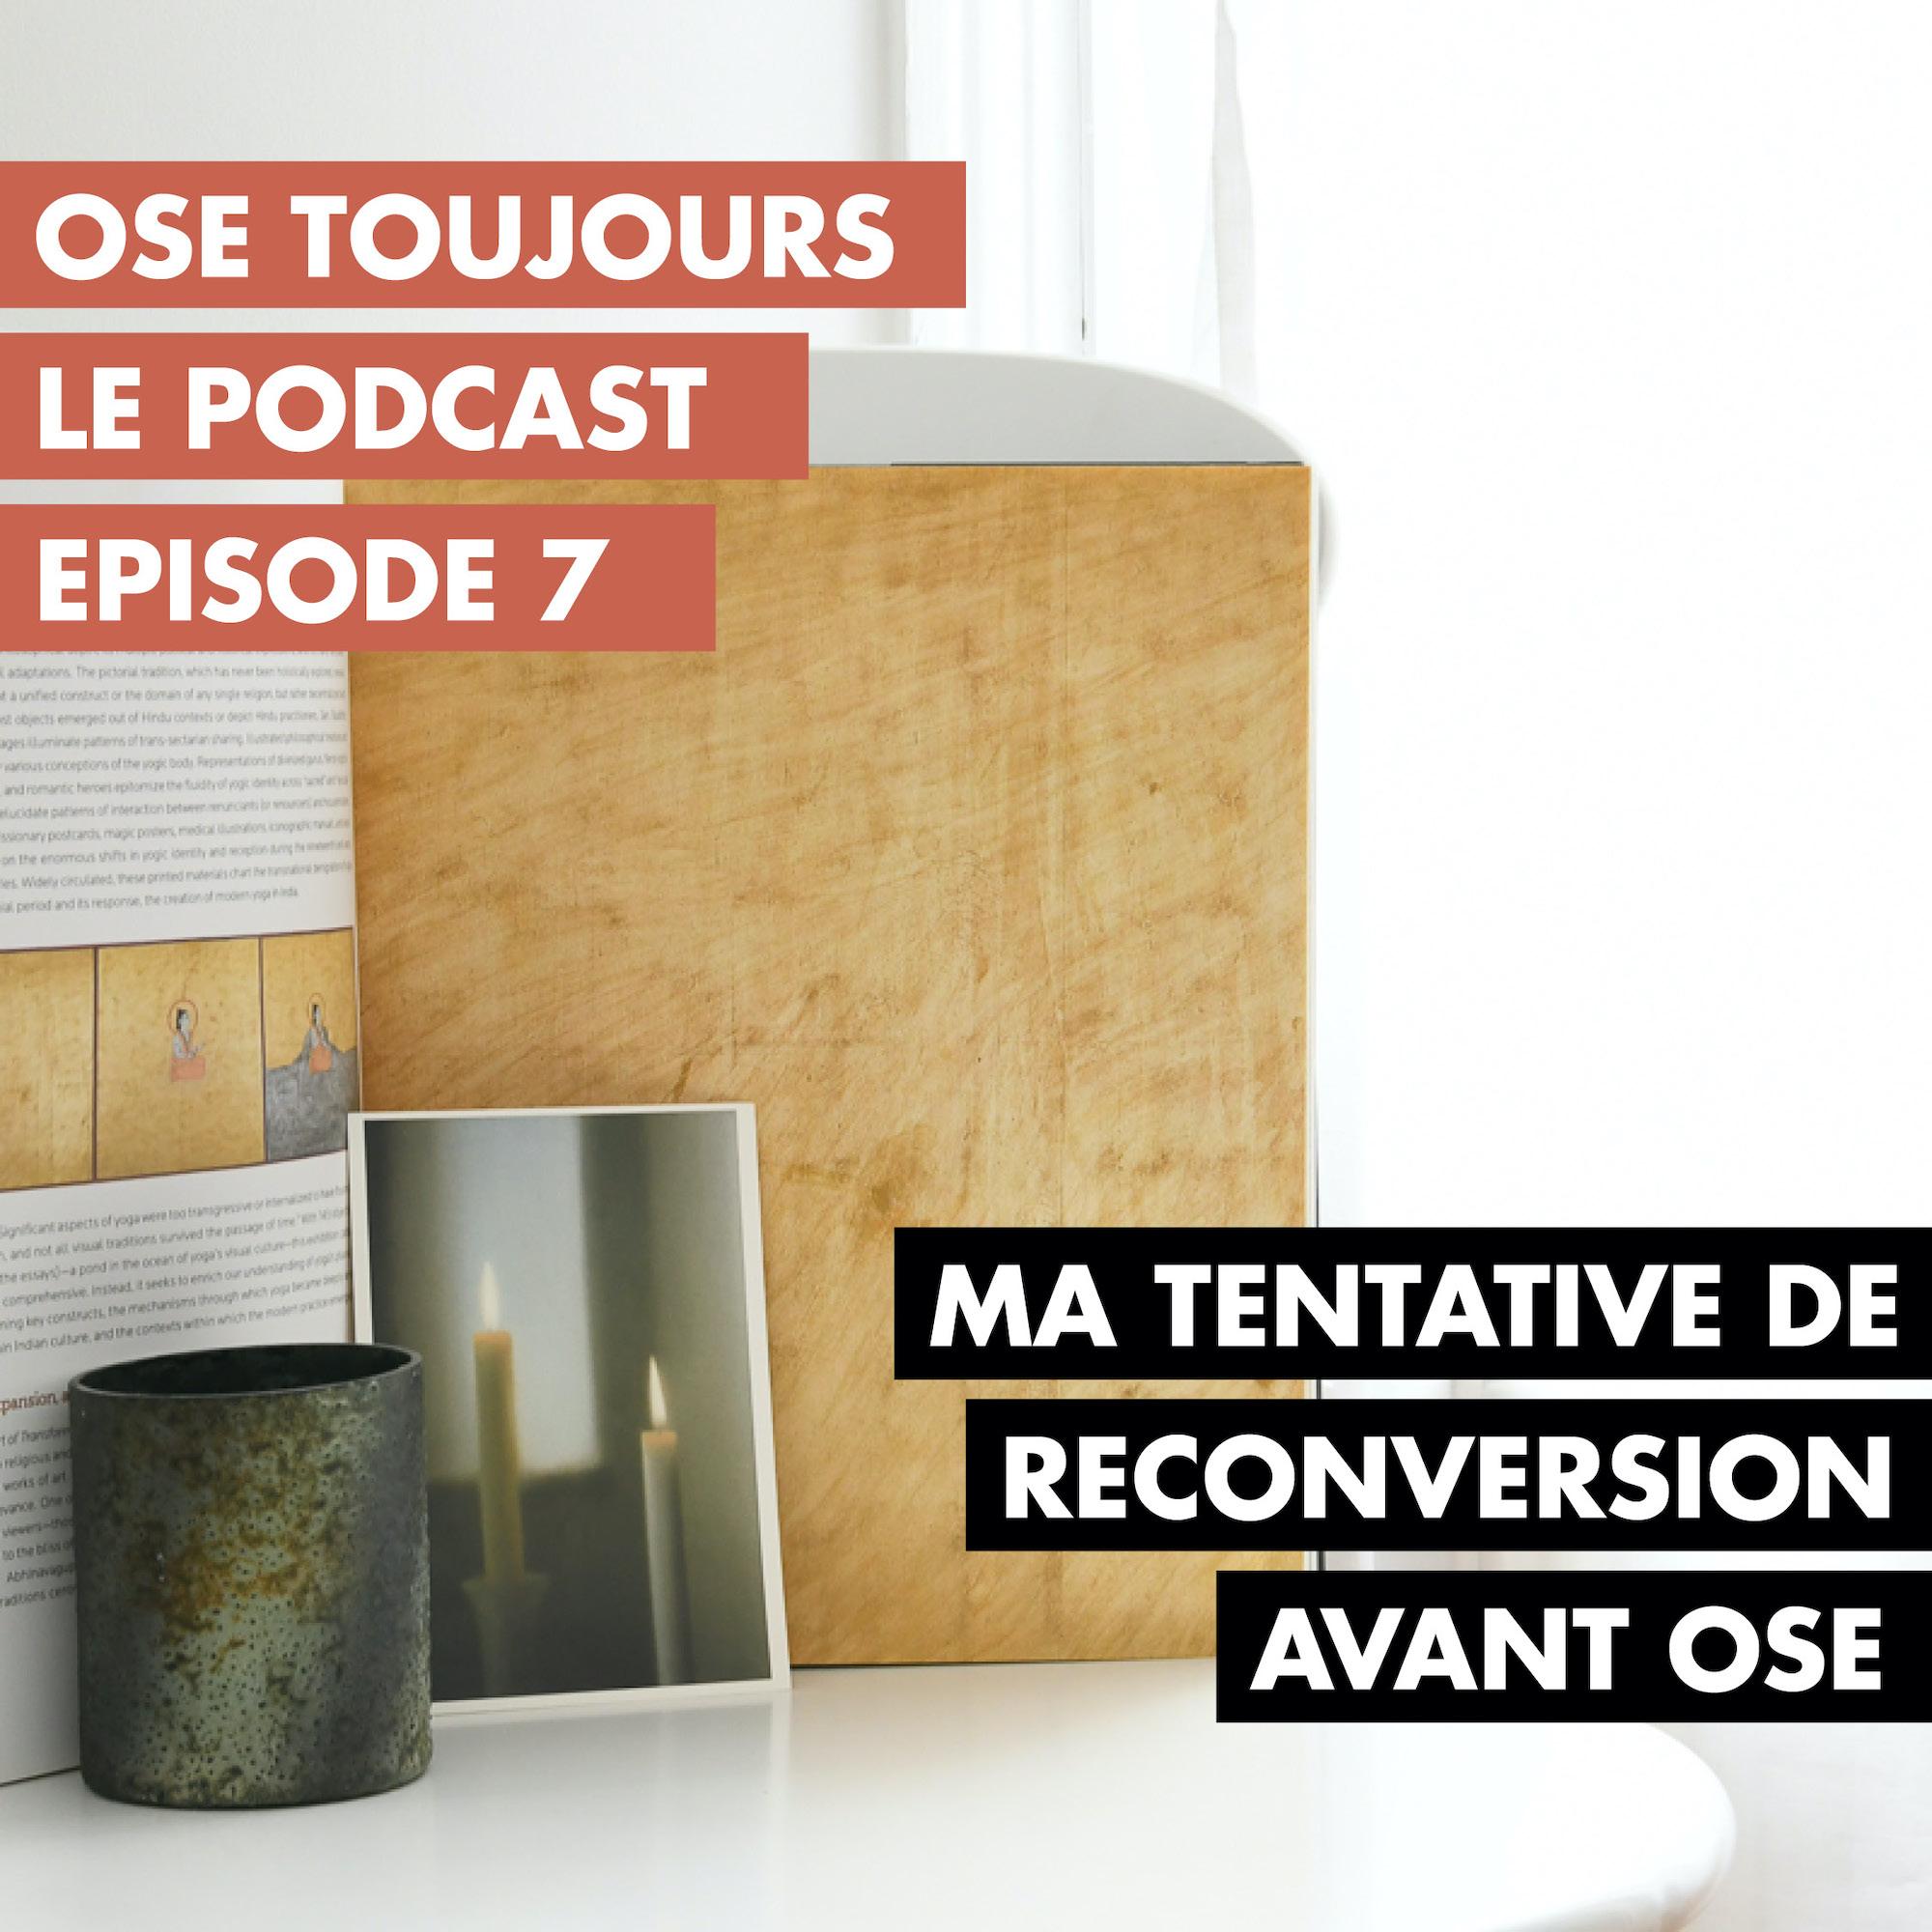 Ose Toujours - Podcast couture sur la reconversion